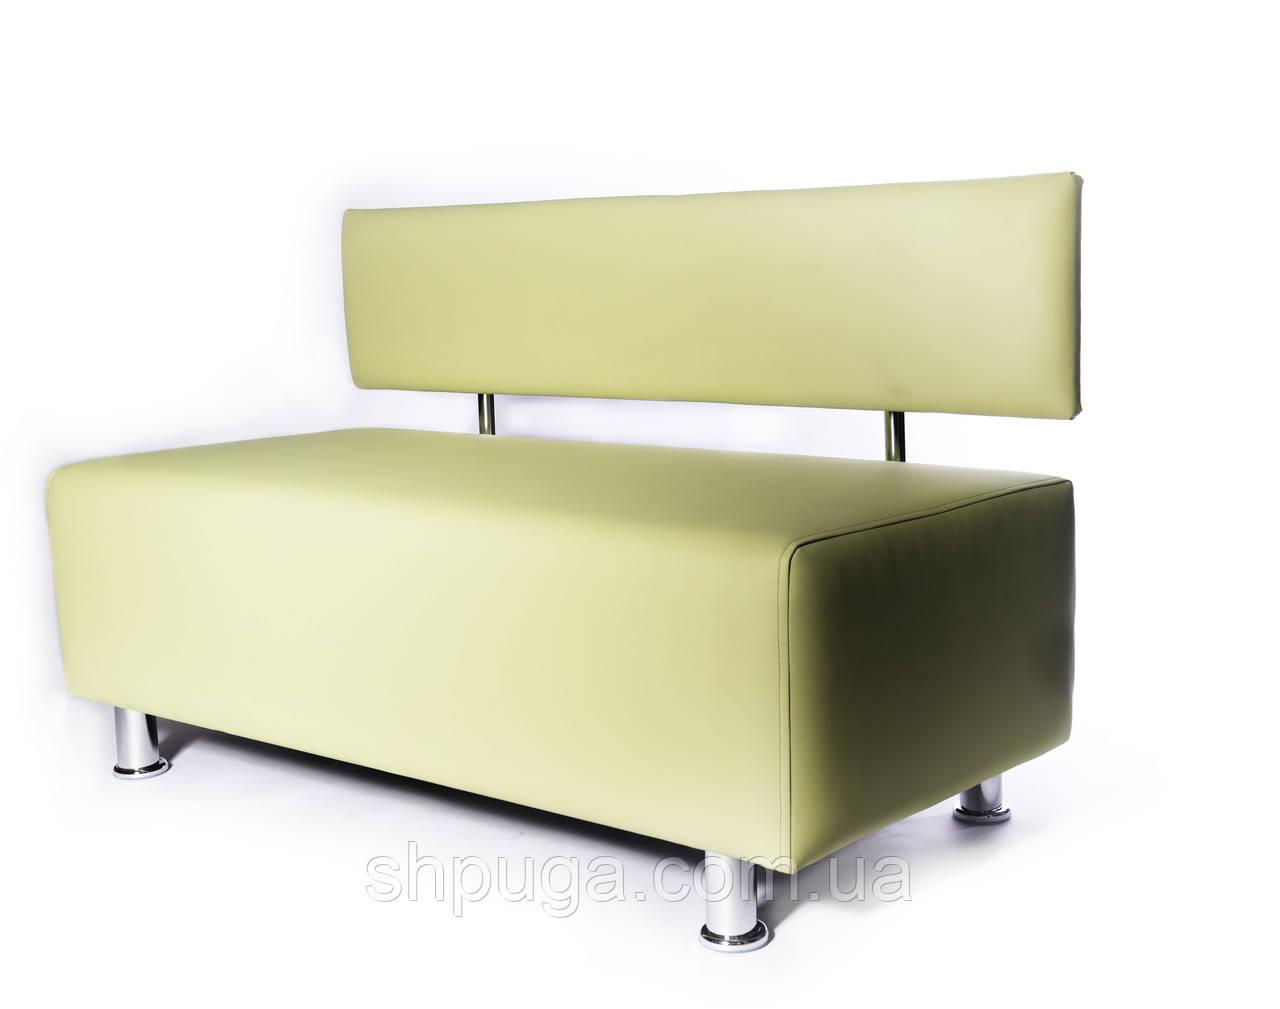 Диван офісний , в зал очікування , кухонний диван, диван на балкон . Матеріал , колір і розмір на вибір.